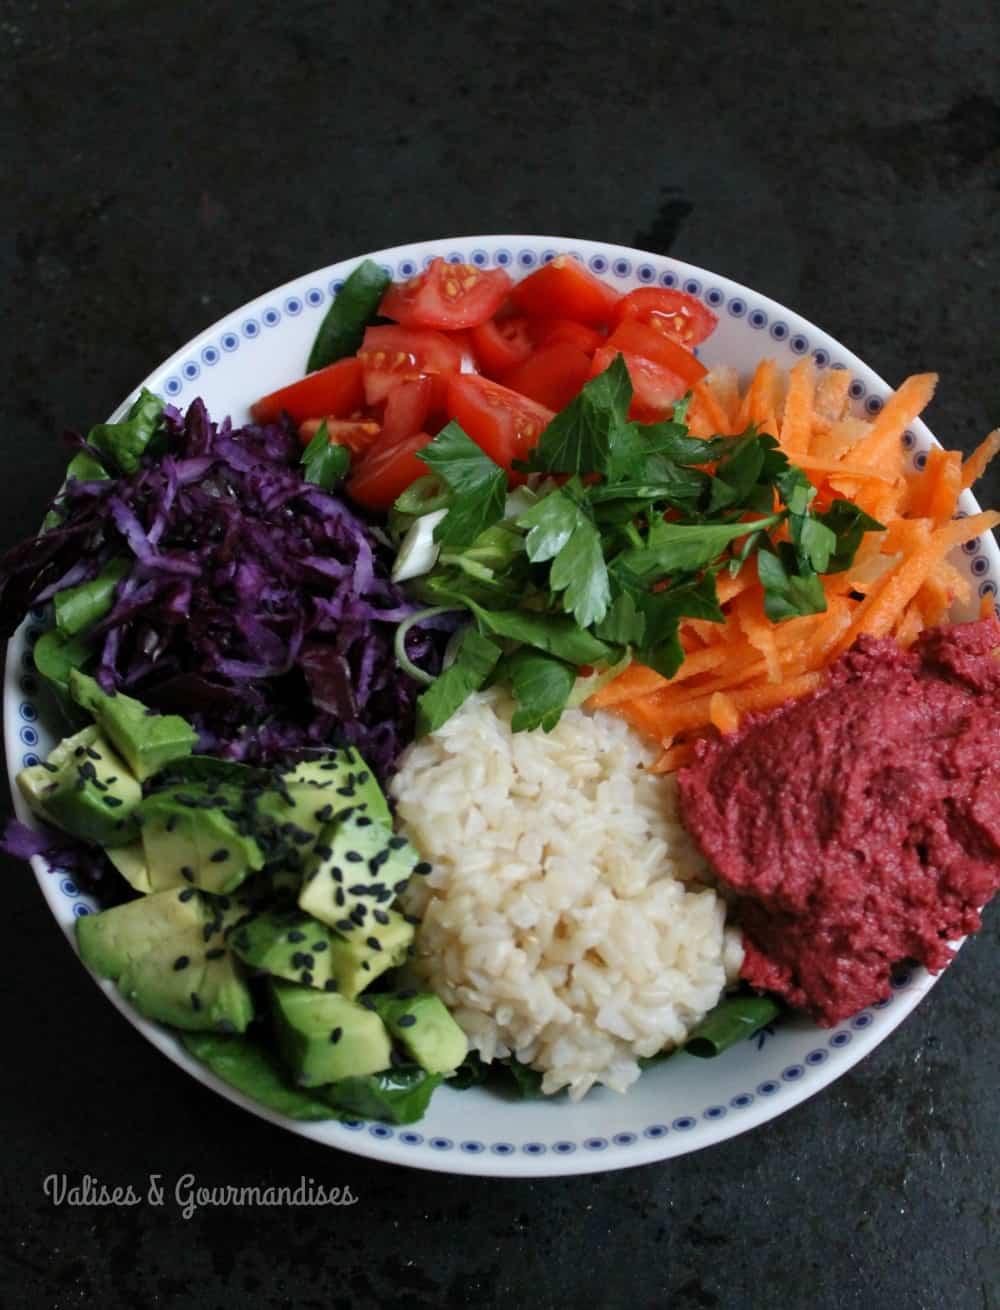 Comment faire un bol du Budda - Valises & Gourmandises